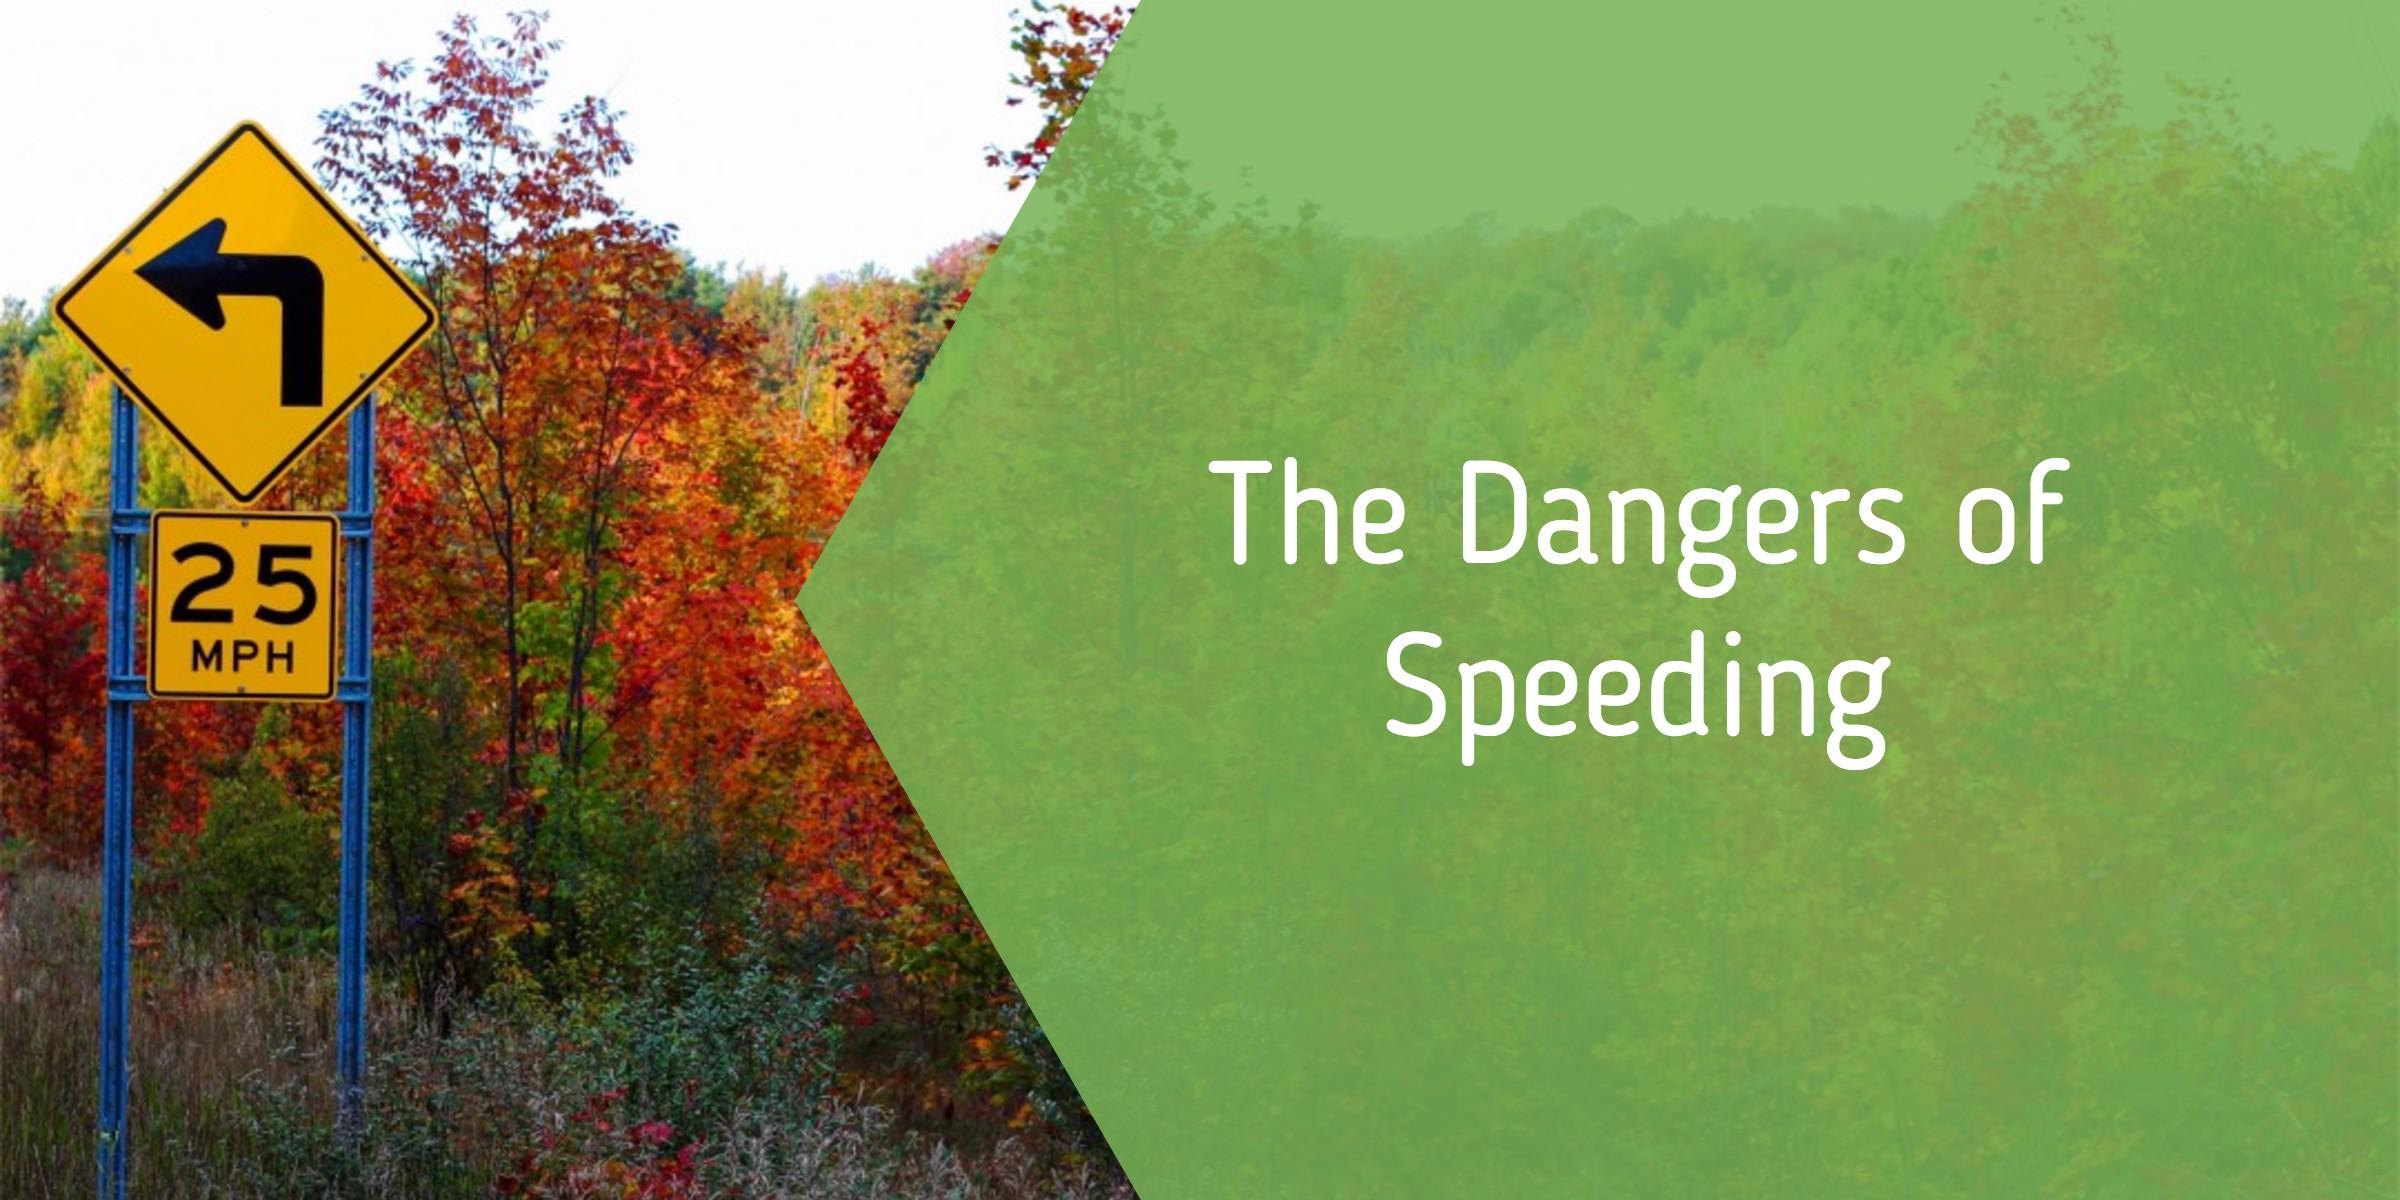 The_Dangers_of_Speeding.jpg